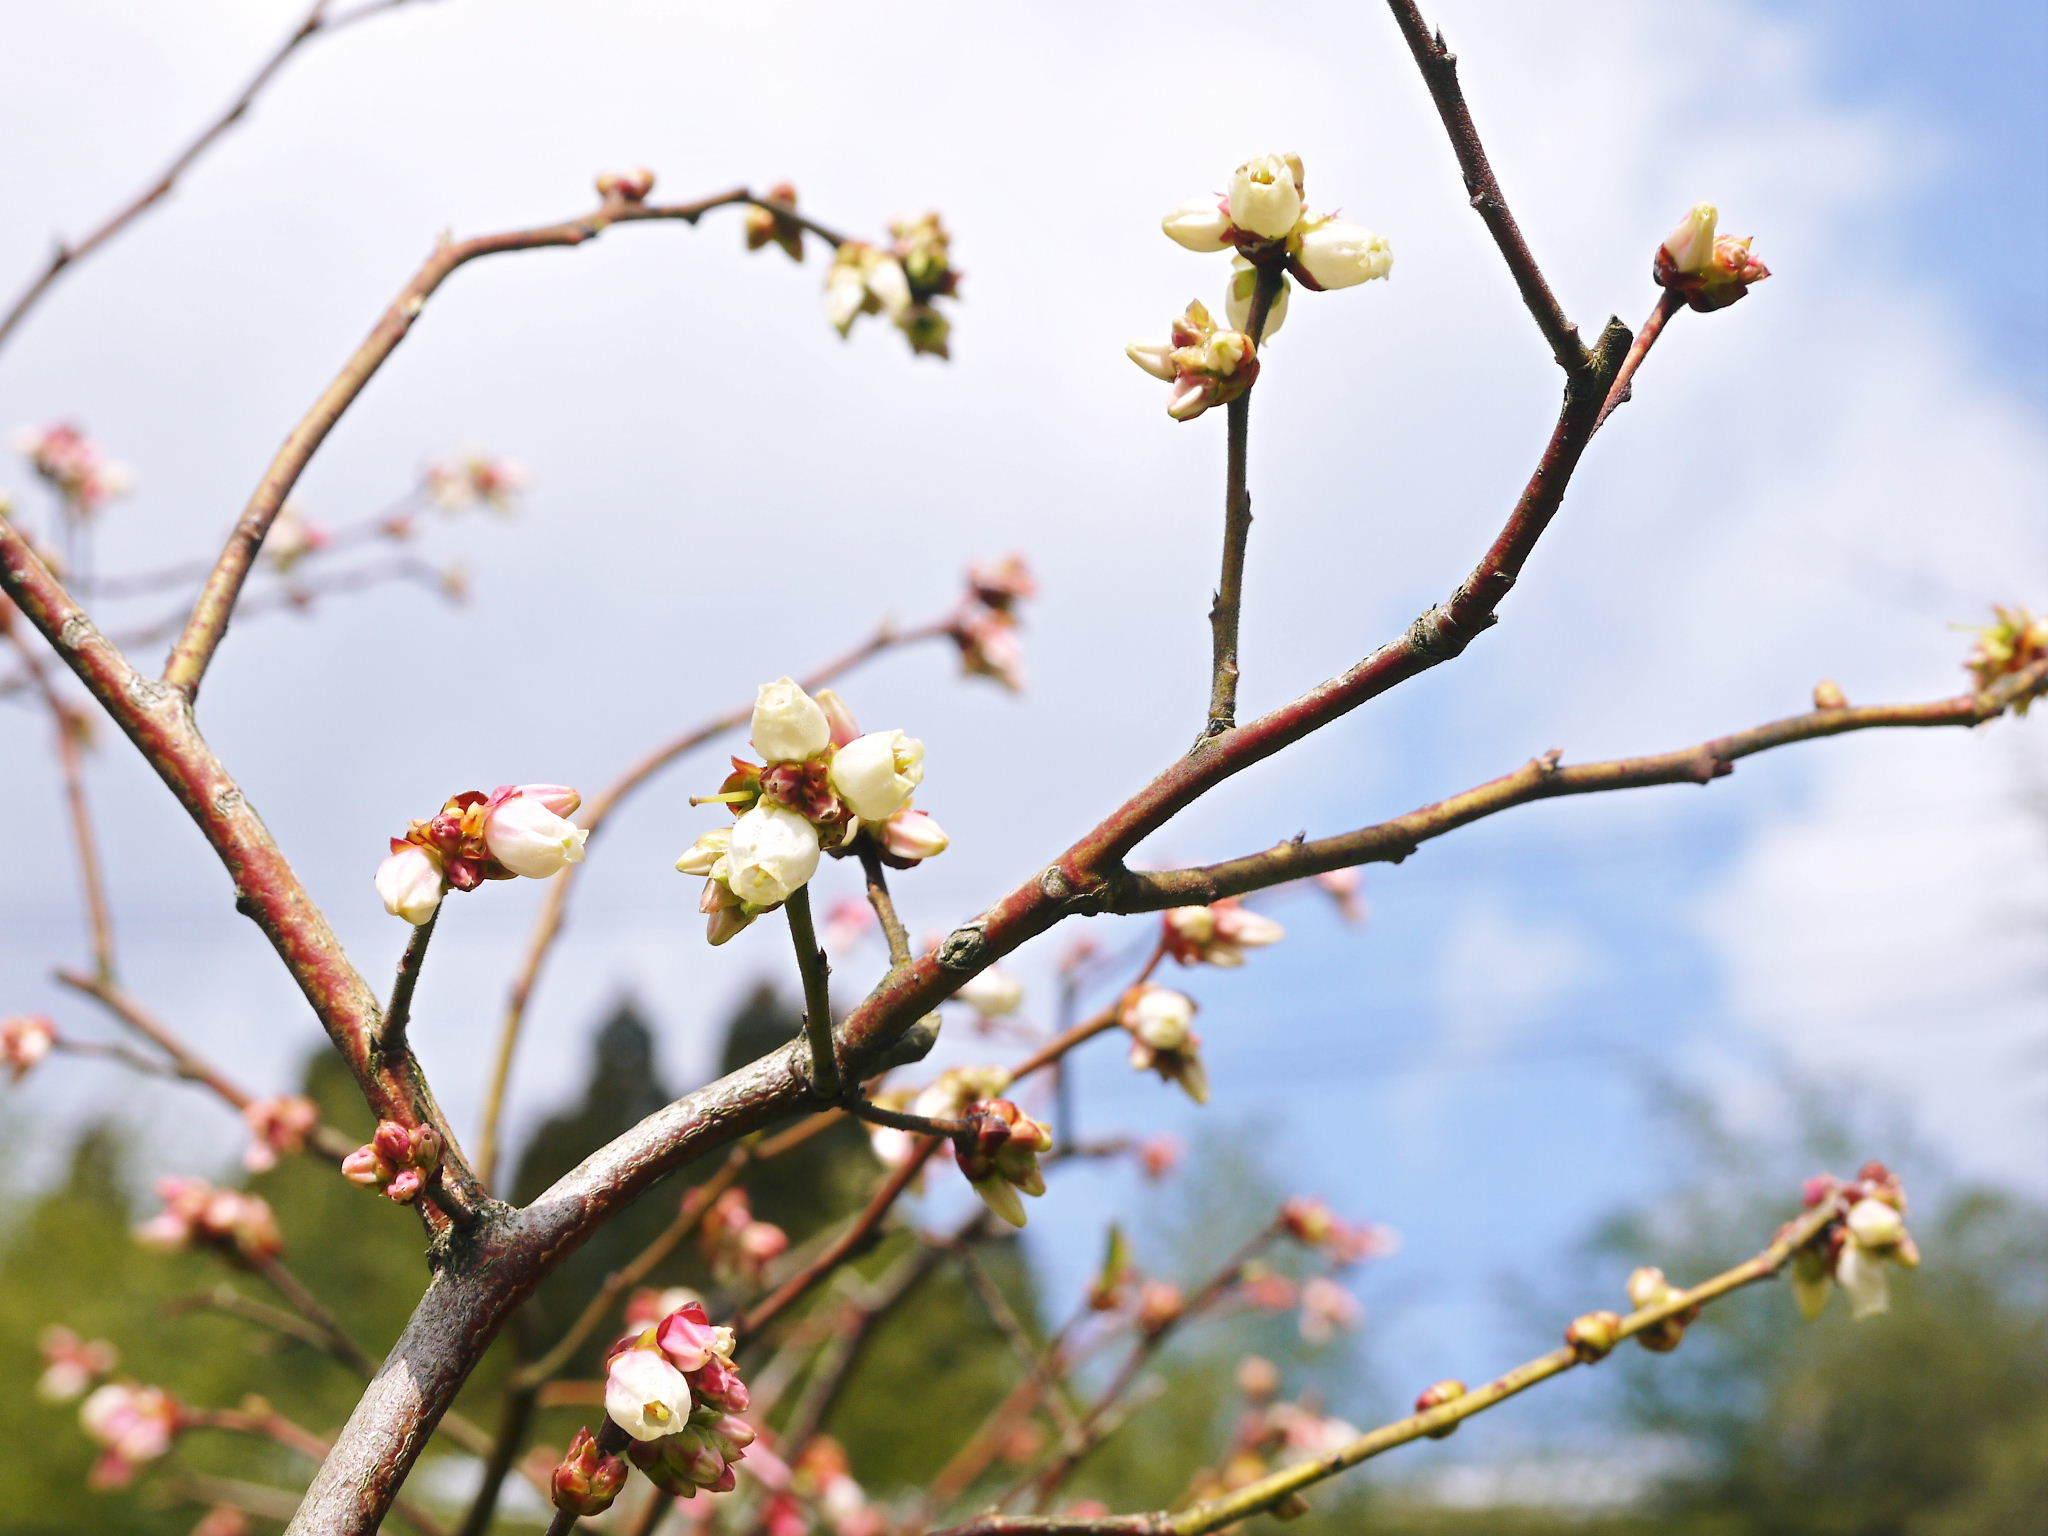 ブルーベリーの開花2020 今年も順調に成長中ですが、新たな敵?出現⁉_a0254656_16515495.jpg